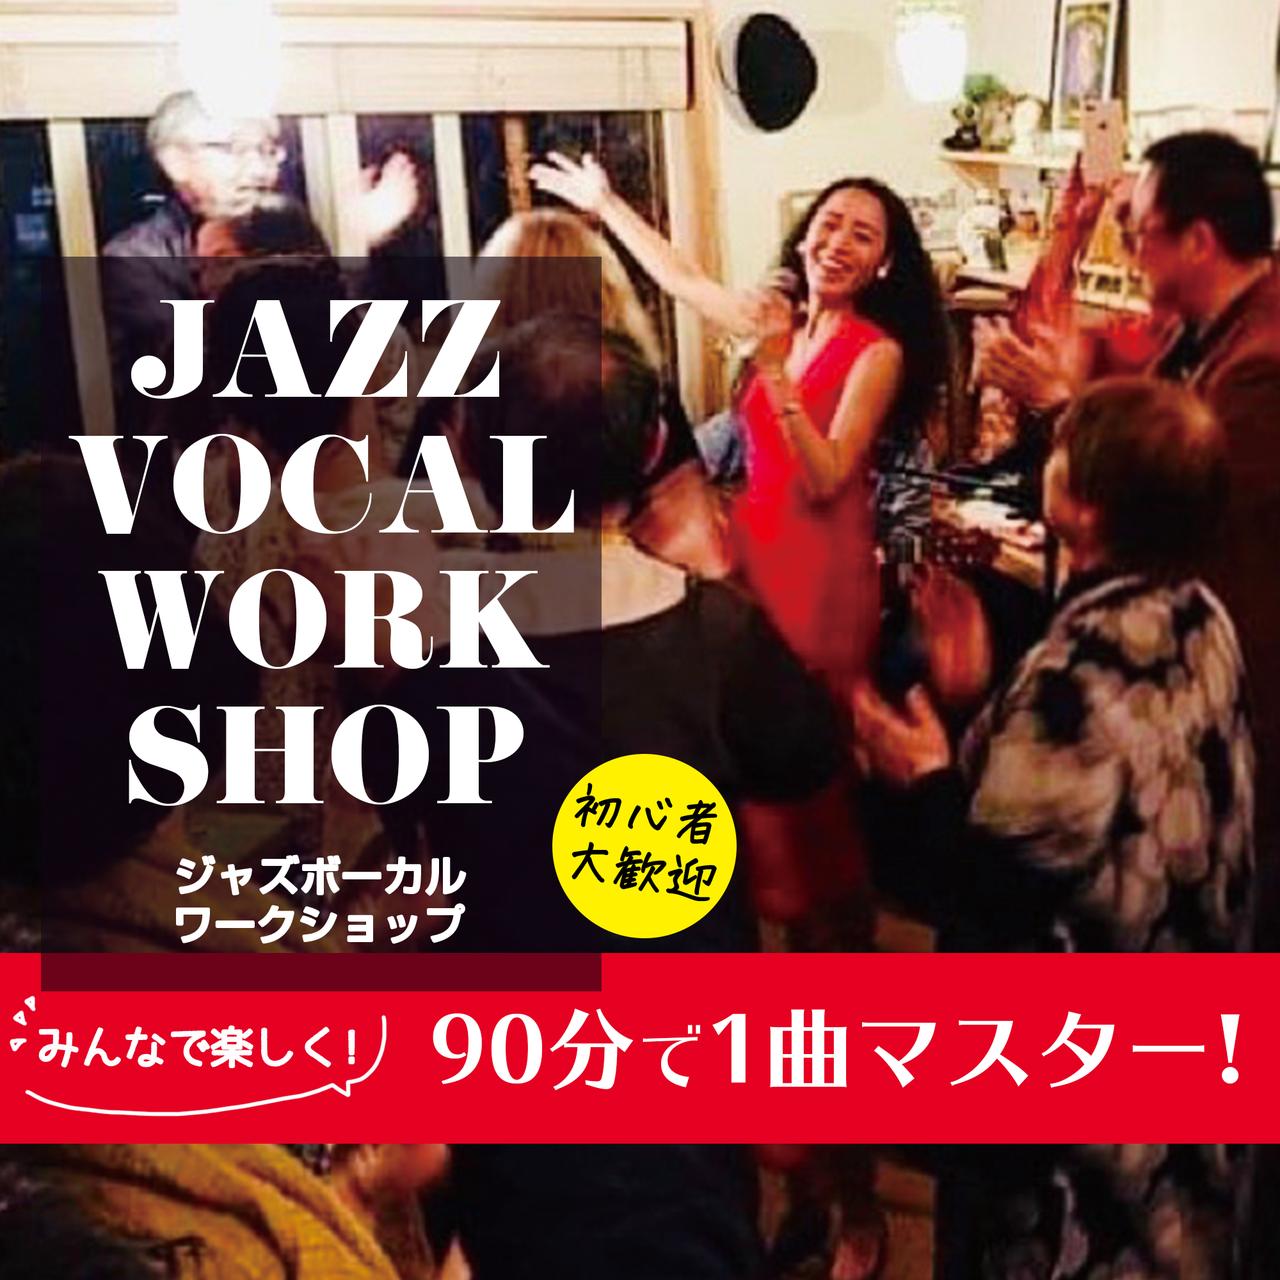 【対面】90分で1曲マスター♪ ジャズボーカルワークショップ